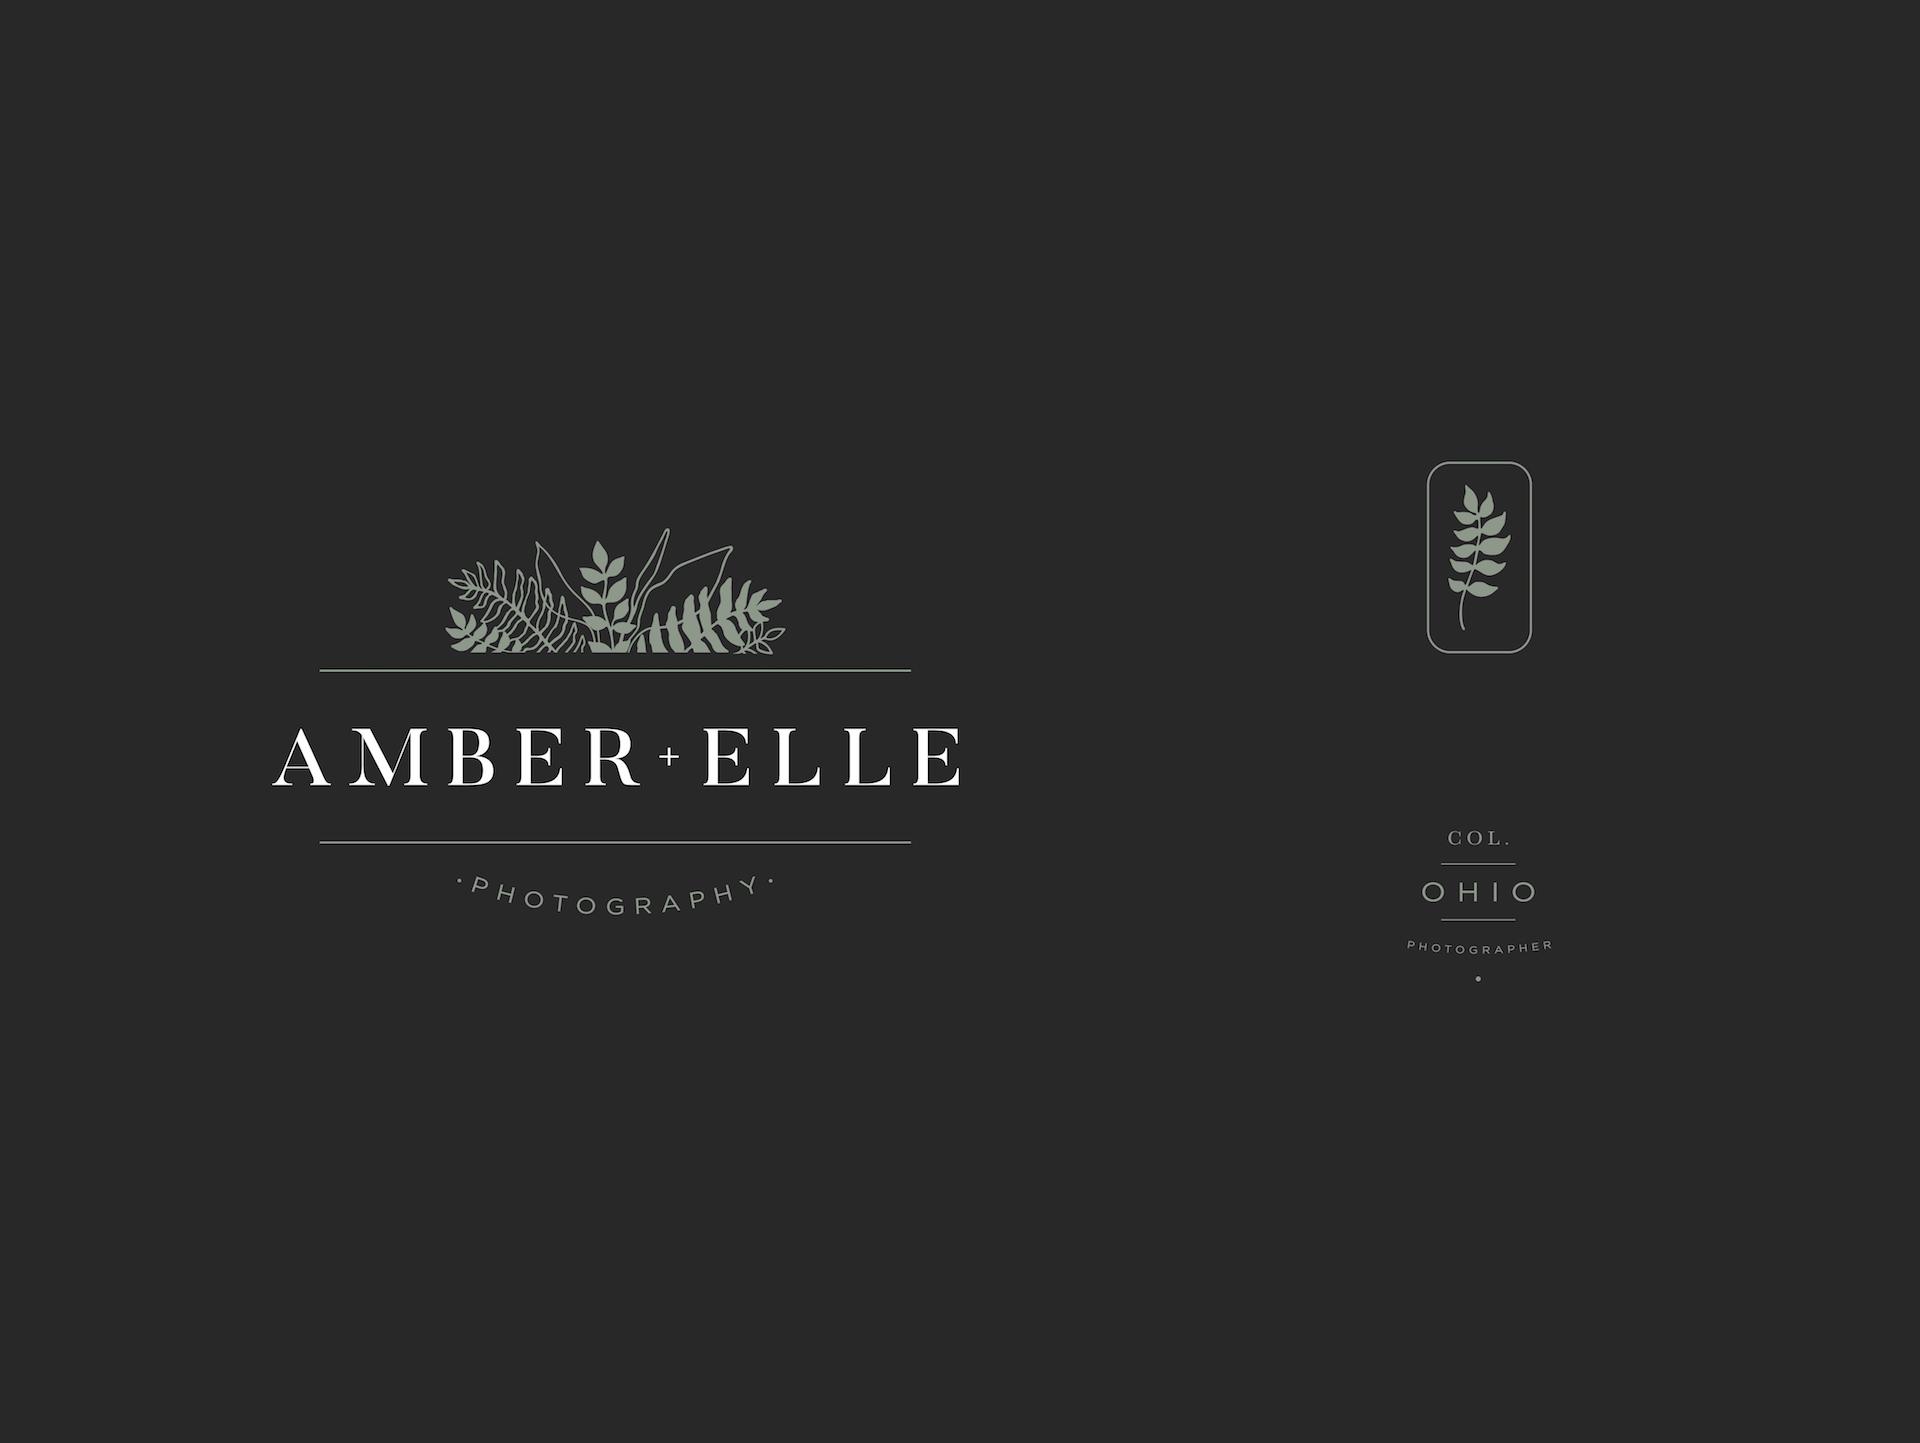 Amber + Elle - Branding Design